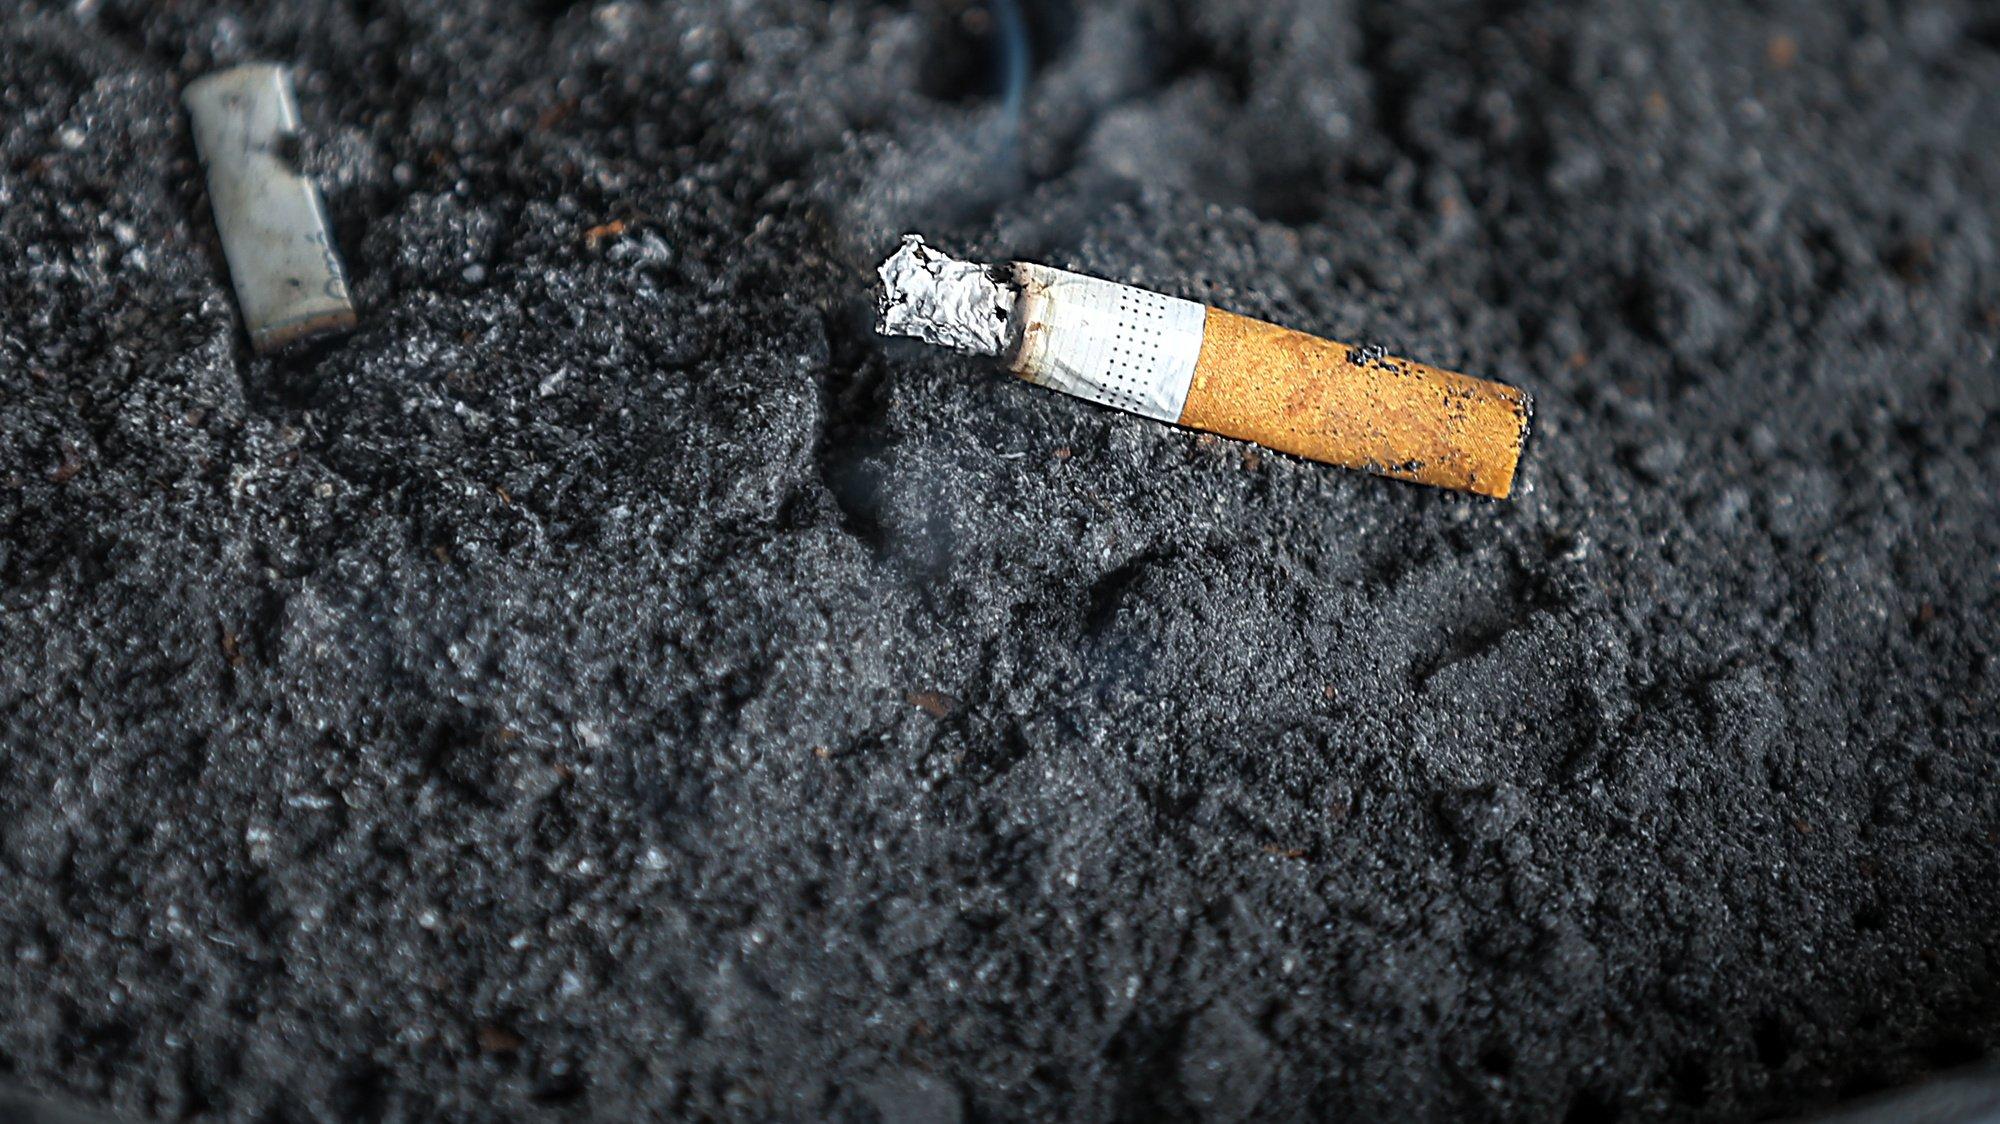 Cinzeiro público com um cigarro, 15 outubro 2019.  MANUEL DE ALMEIDA/LUSA